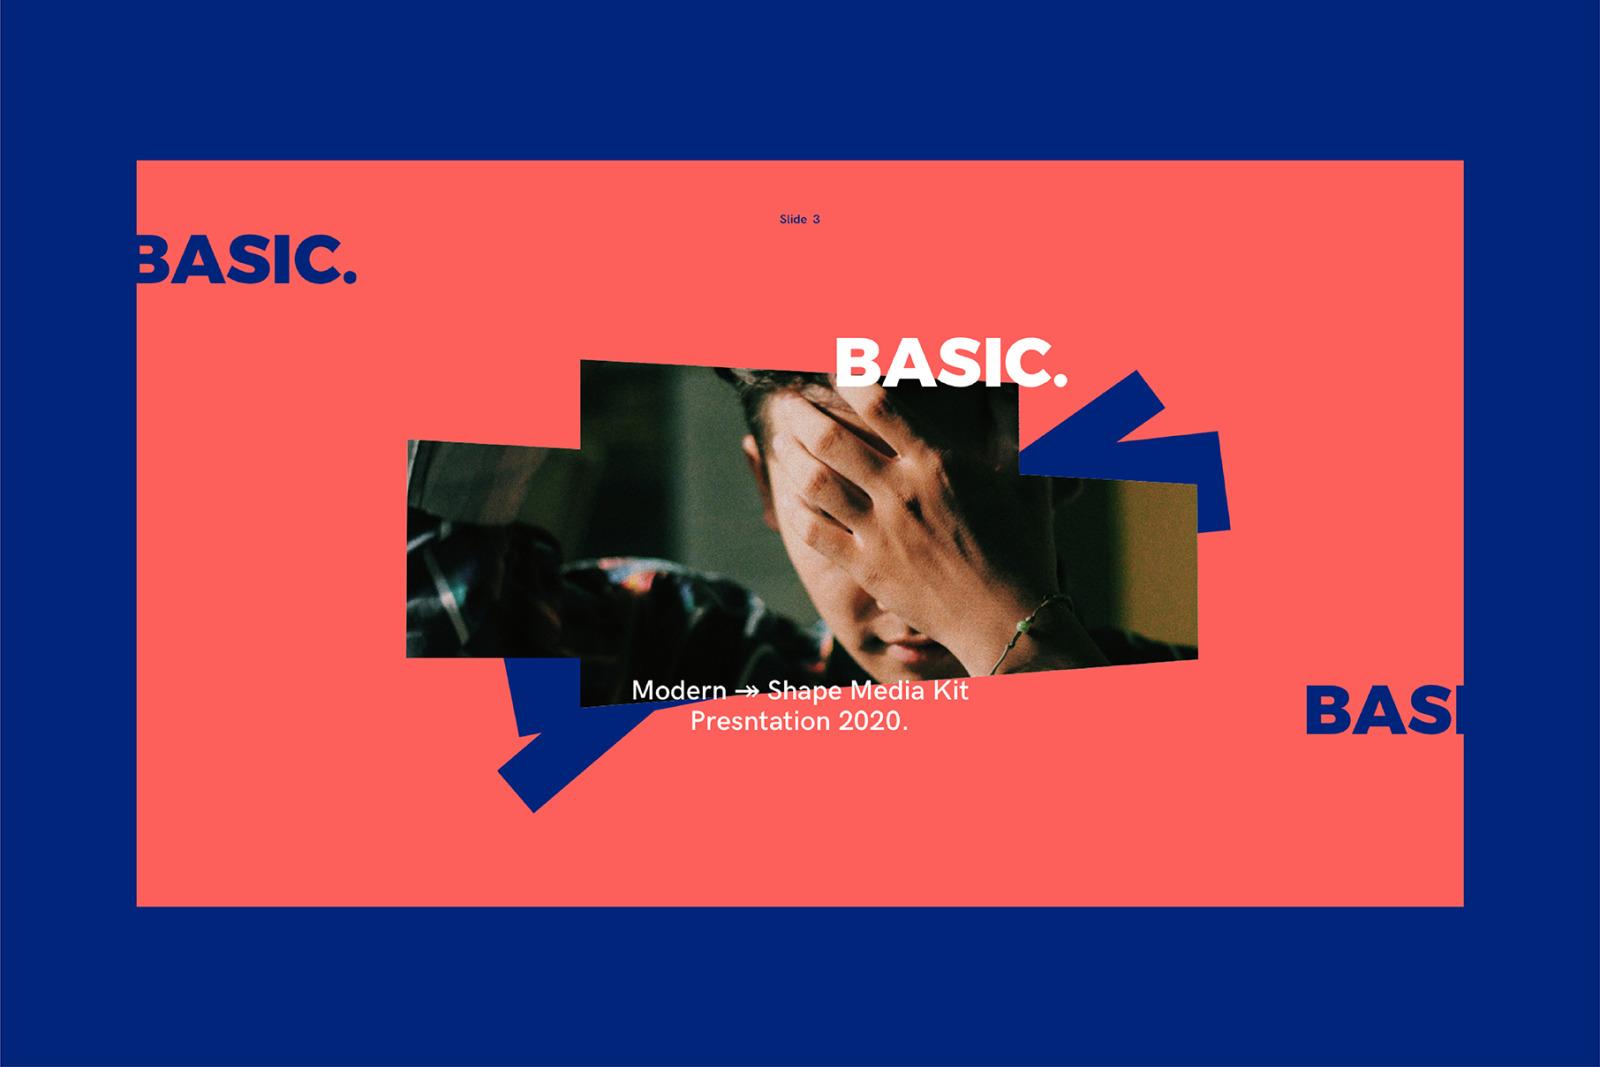 BASIC-Keynote Media Kit Templates